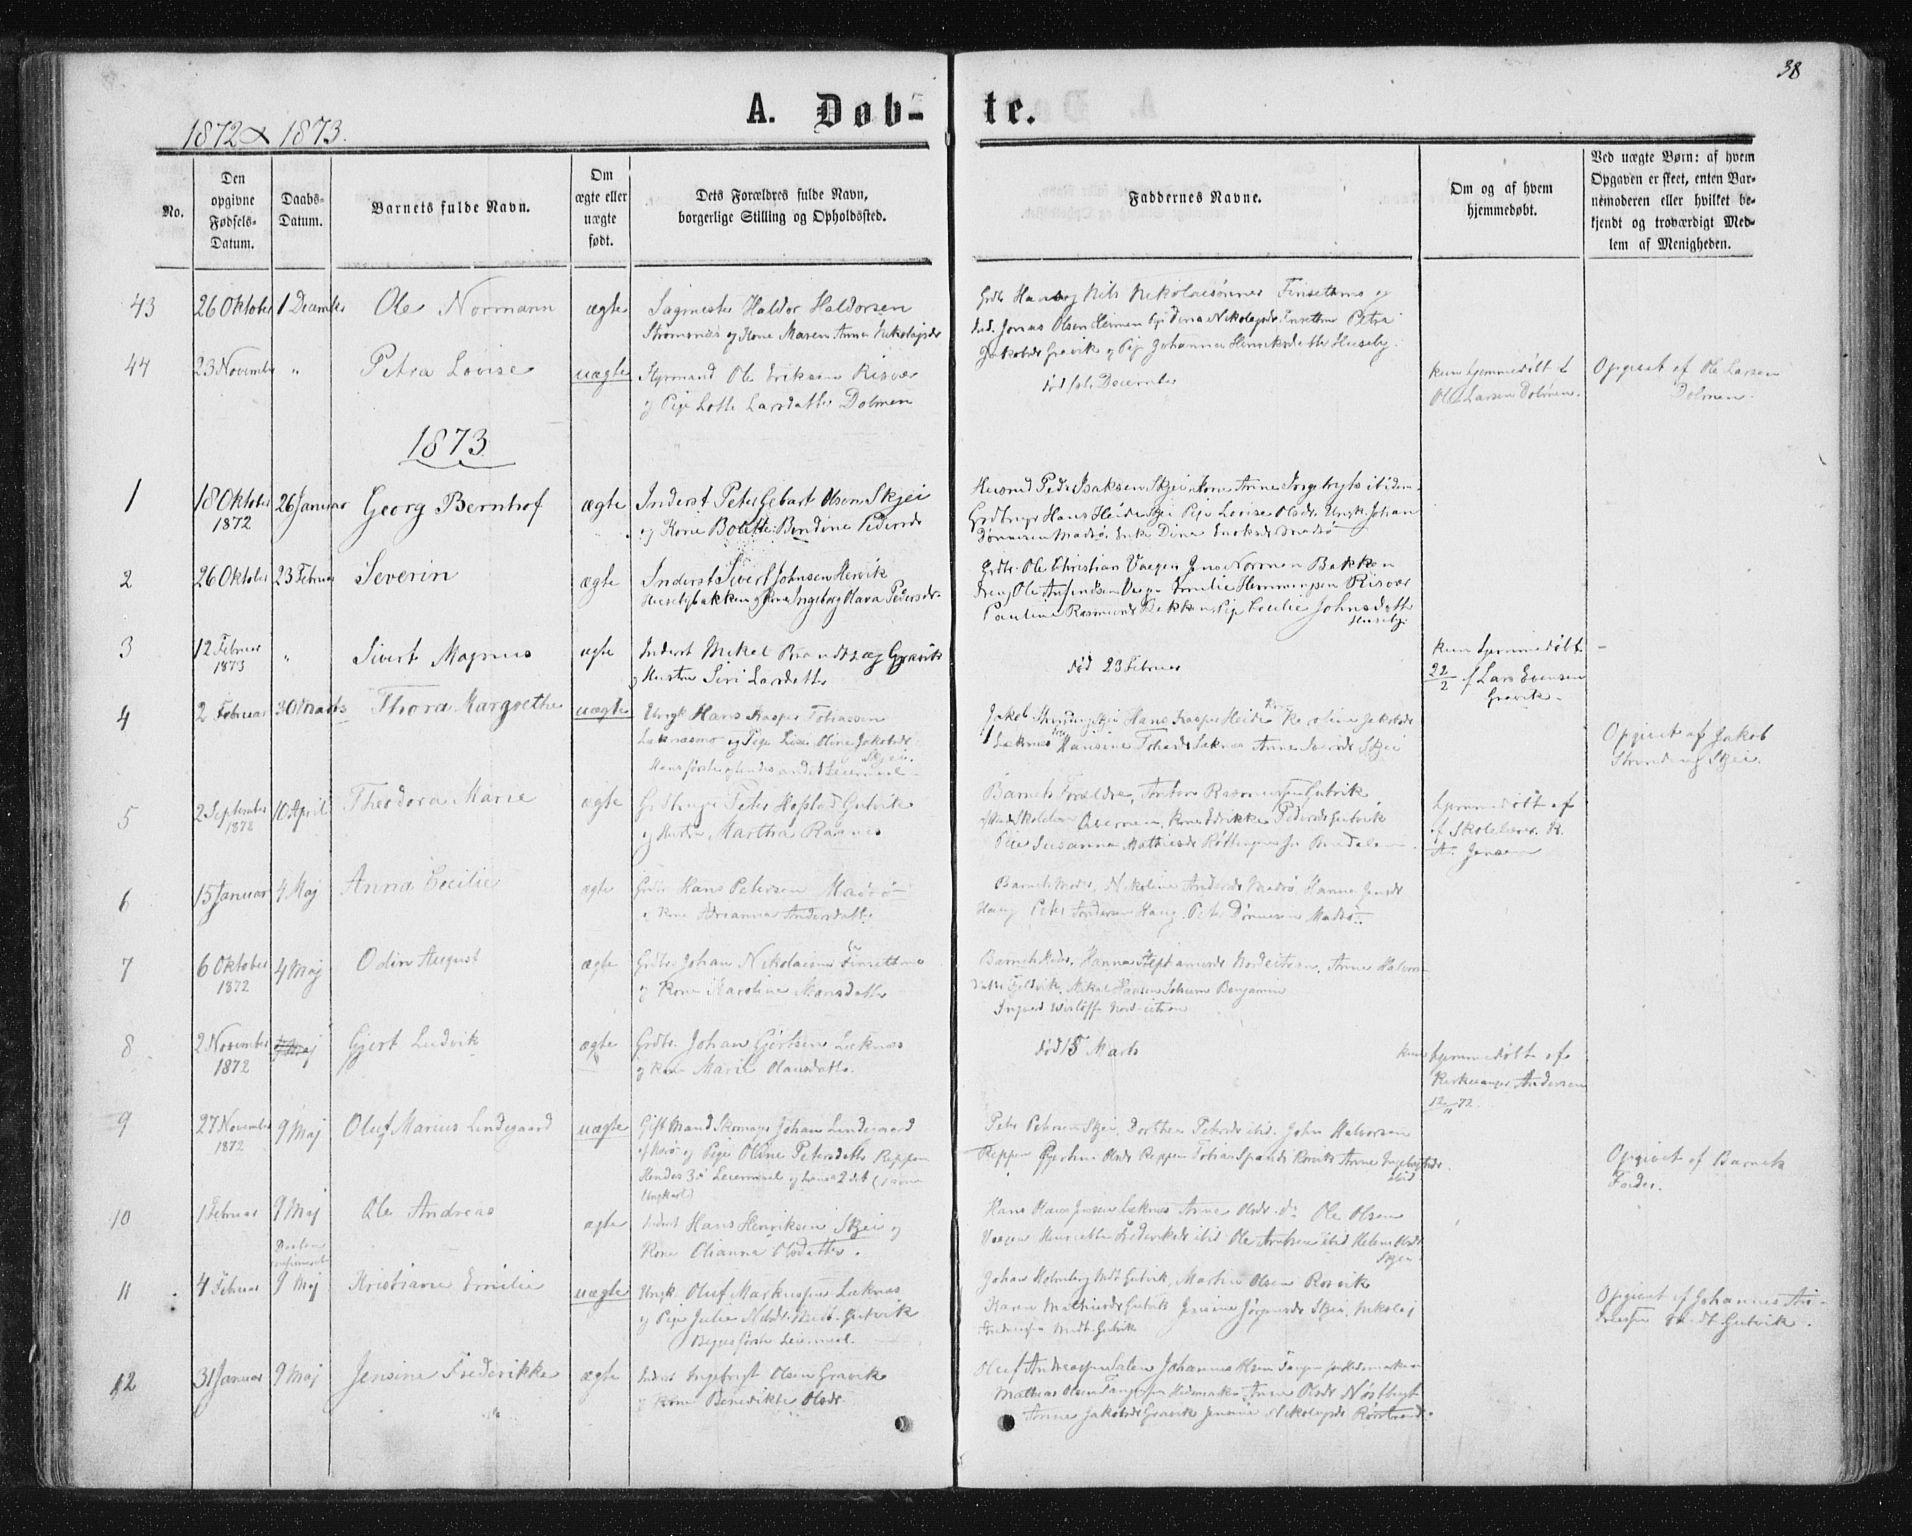 SAT, Ministerialprotokoller, klokkerbøker og fødselsregistre - Nord-Trøndelag, 788/L0696: Ministerialbok nr. 788A03, 1863-1877, s. 38